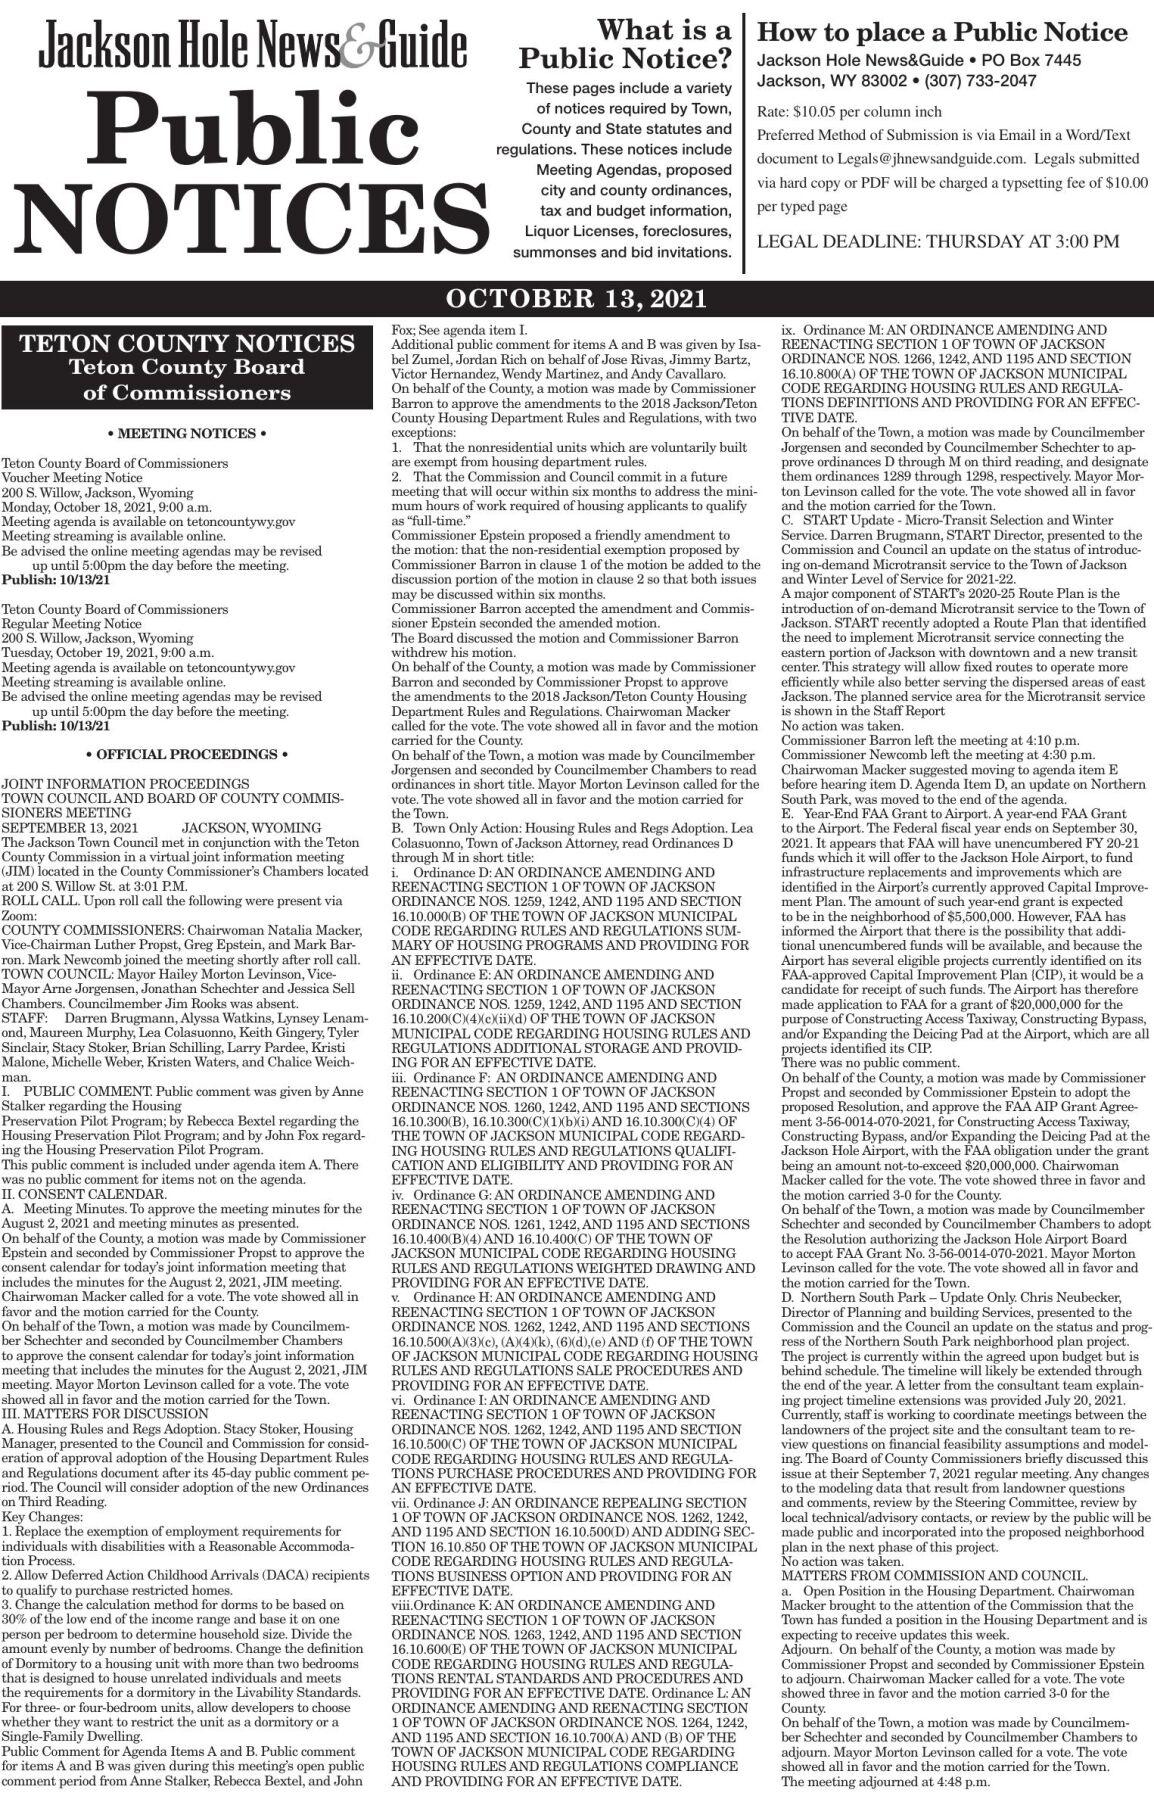 Public Notices, Oct. 13, 2021